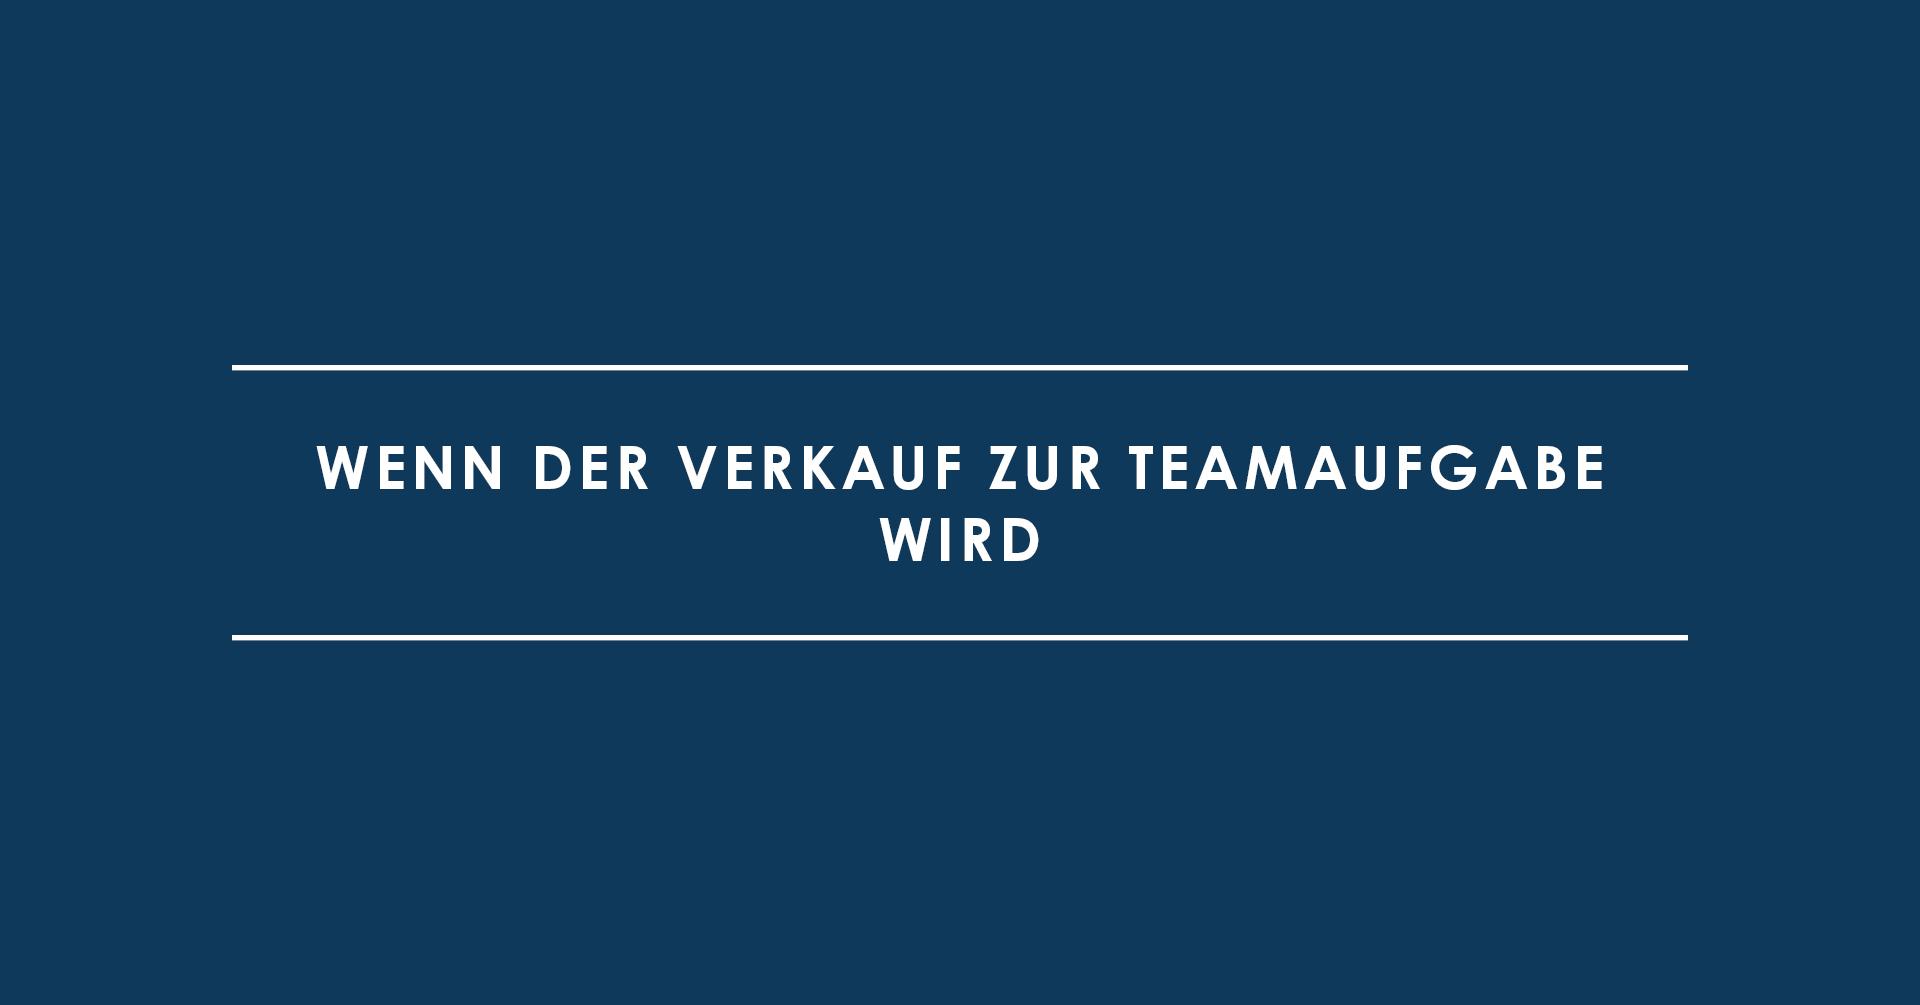 Sell it like a boss: Wenn der Verkauf zur Teamaufgabe wird